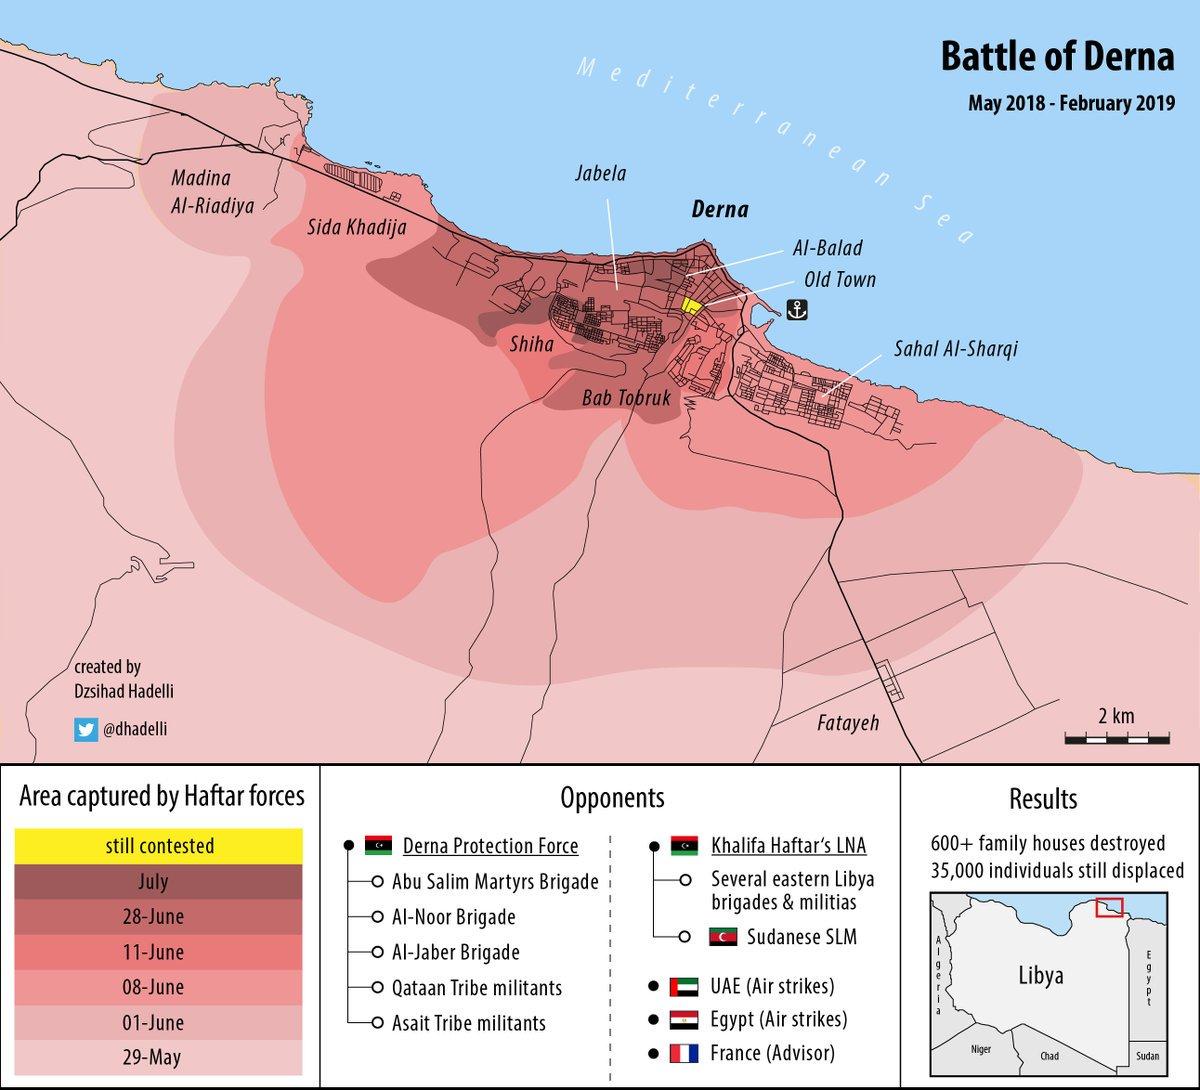 О боях в Дерне